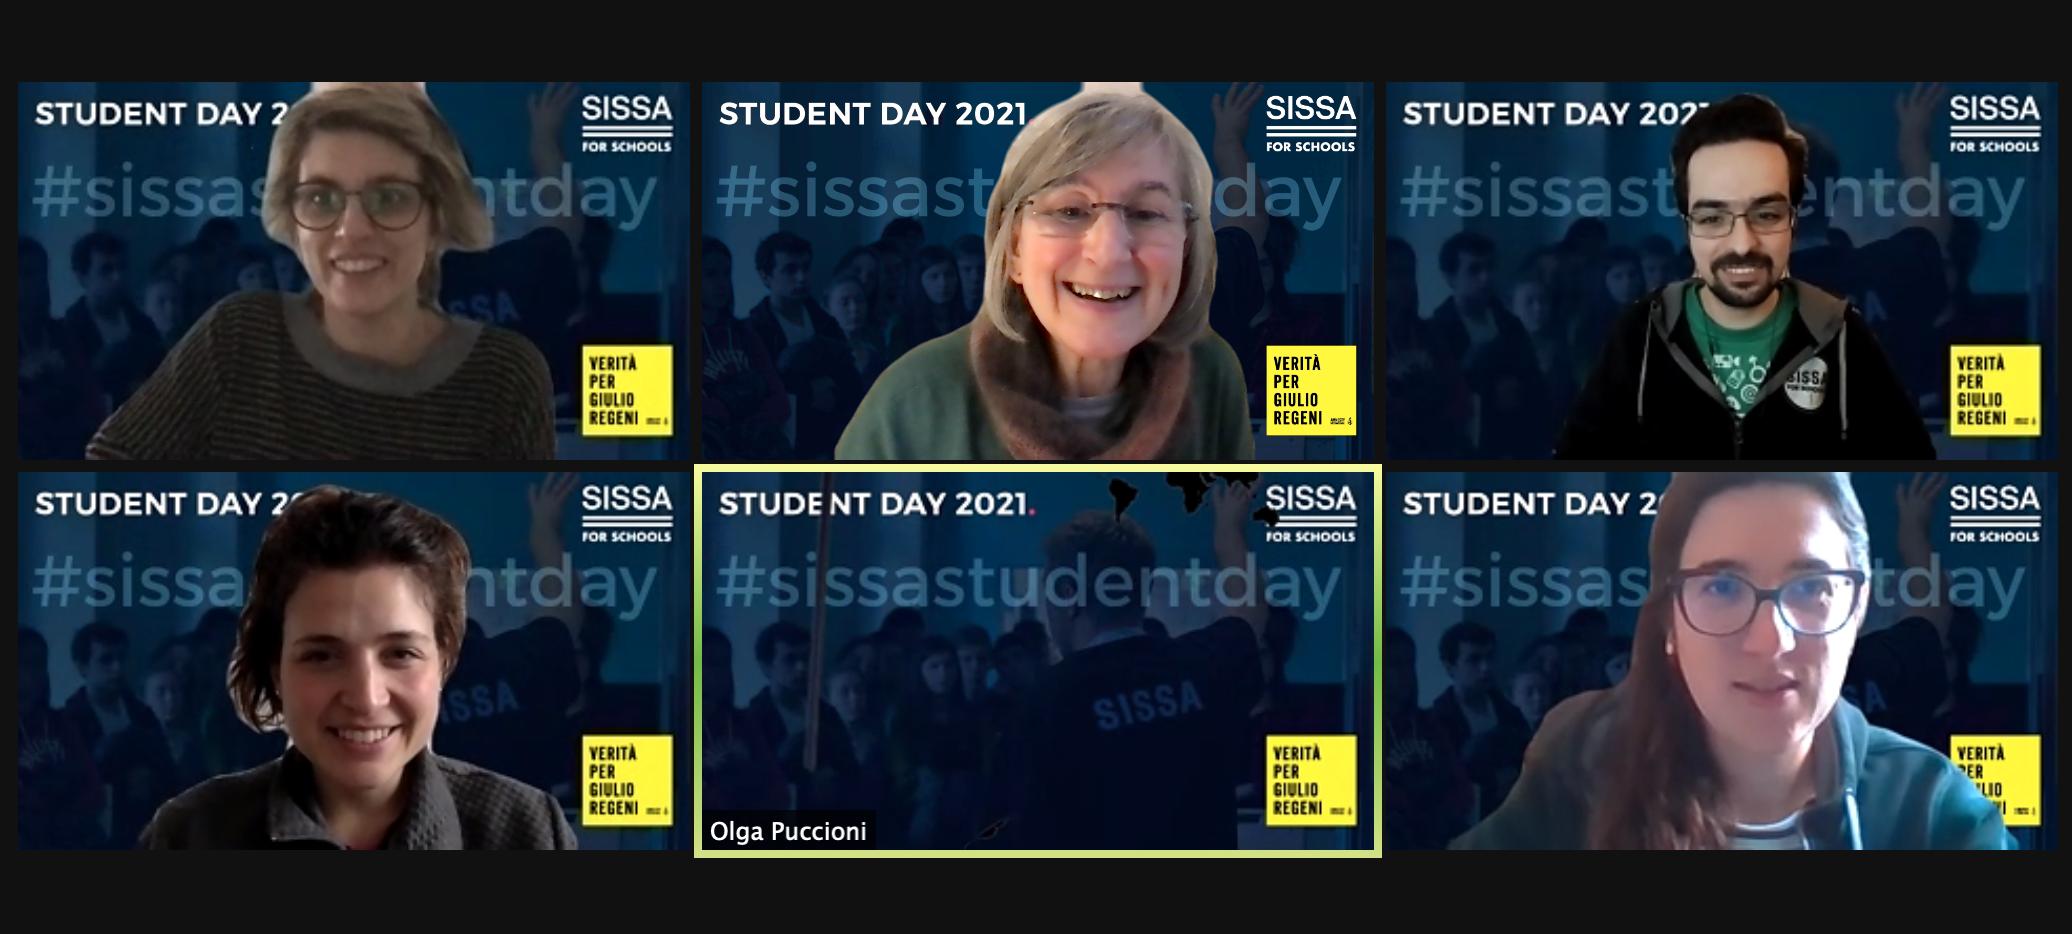 Il 25 febbraio 2021 si terrà la settima edizione della giornata dedicata alle ragazze e ai ragazzi dell'ultimo biennio delle scuole secondarie di secondo grado: il SISSA Student Day 2021. In questa giornata la SISSA apre le porte a 500 studenti per permettere loro di avvicinarsi alla scienza e per conoscere persone che la scienza […]